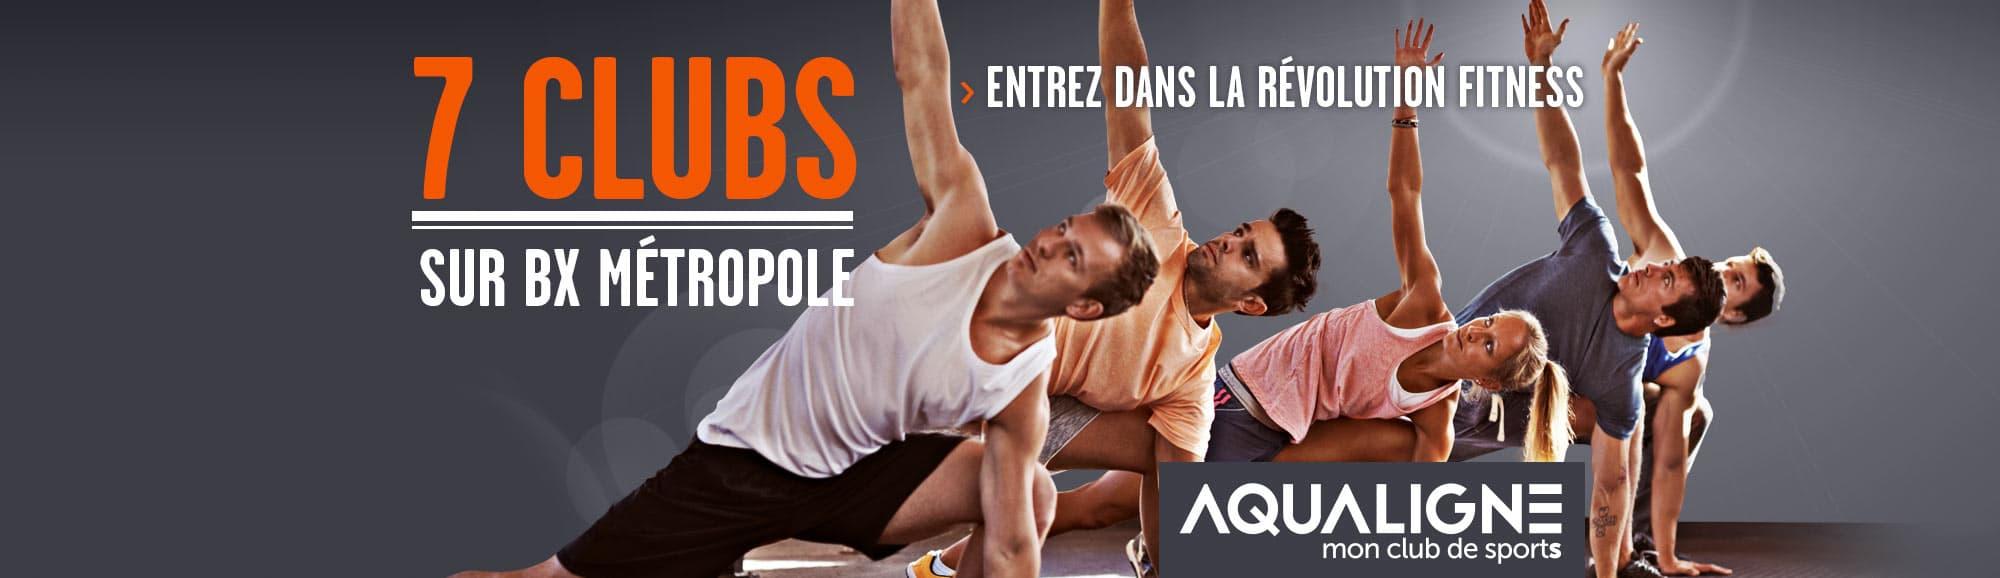 Aqualigne-clubs-de-sport-bordeaux-merignac-st-medard-le-pian-cauderan-lormont